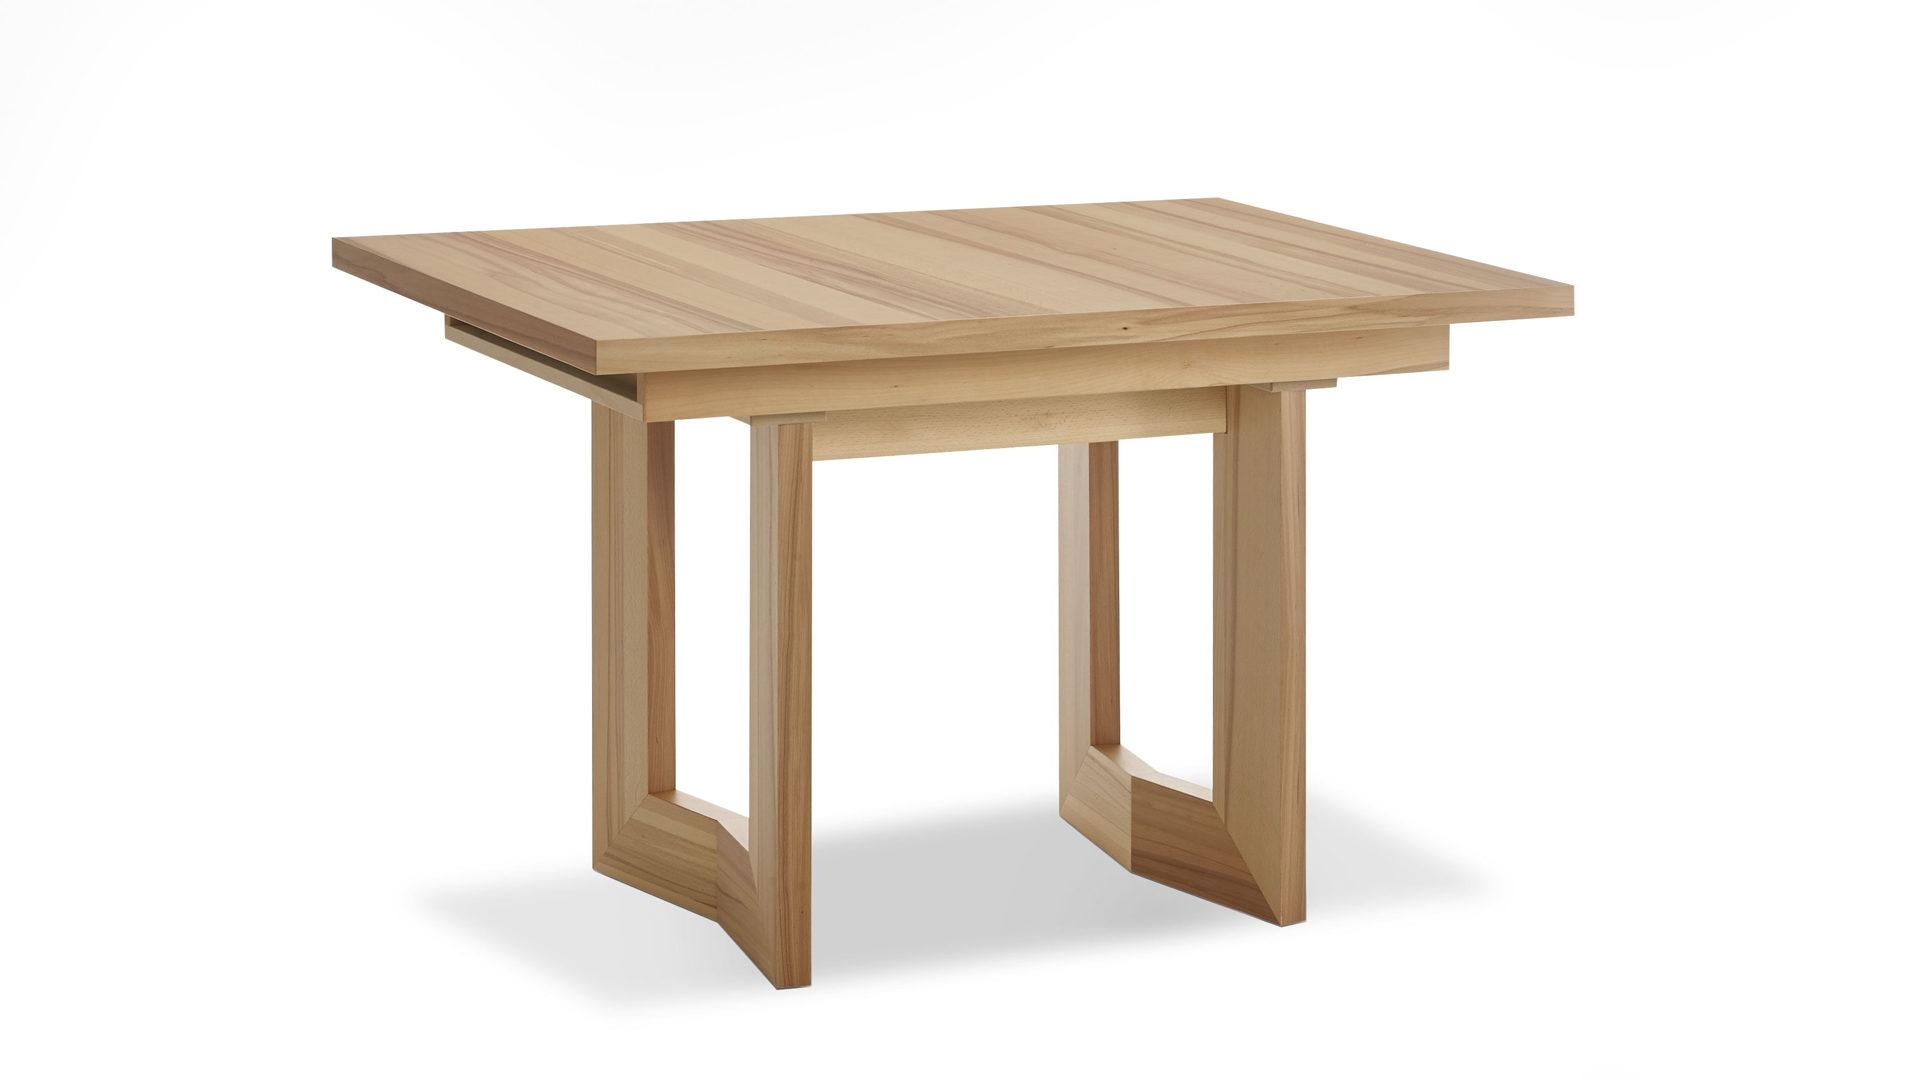 7ba684eea654fc Auszugtisch K+w polstermöbel aus Holz in Holzfarben Modulmaster  Funktionstisch Game 2 als Holzmöbel lackiertes